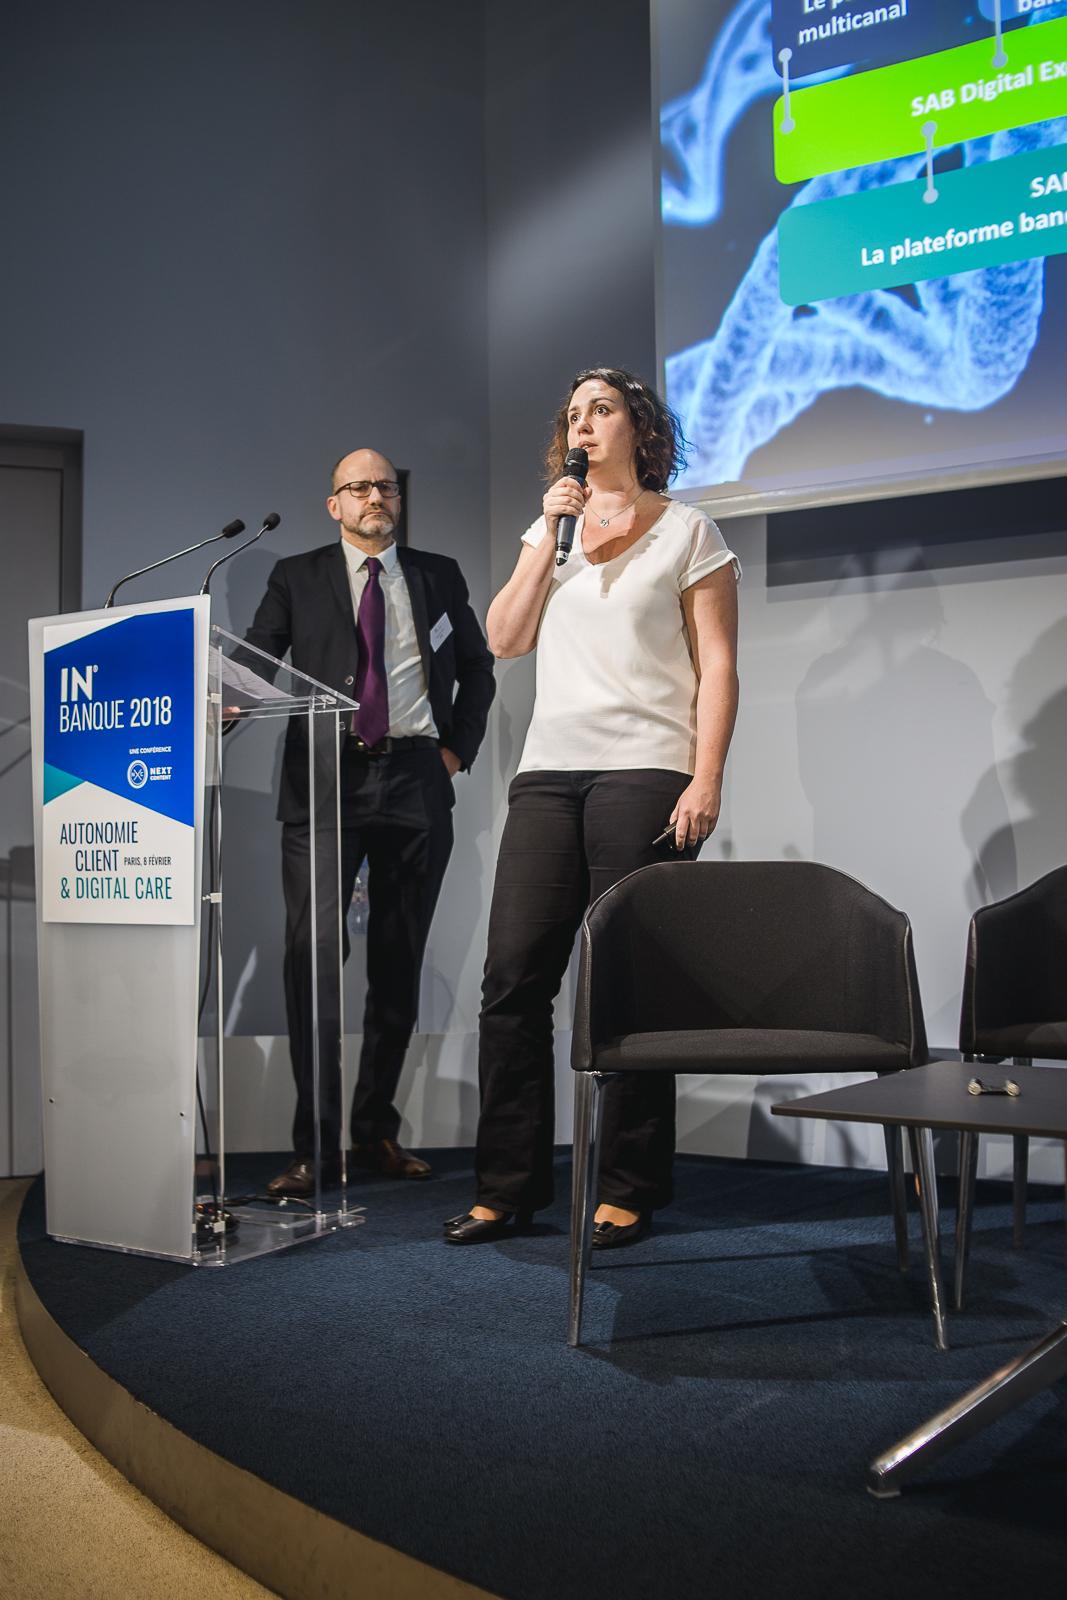 Jacques Erra (SAB, à gauche) et Naïg Le Callonnec (SAB) - IN BANQUE 2018 - Crédit photo : Guillermo Gomez